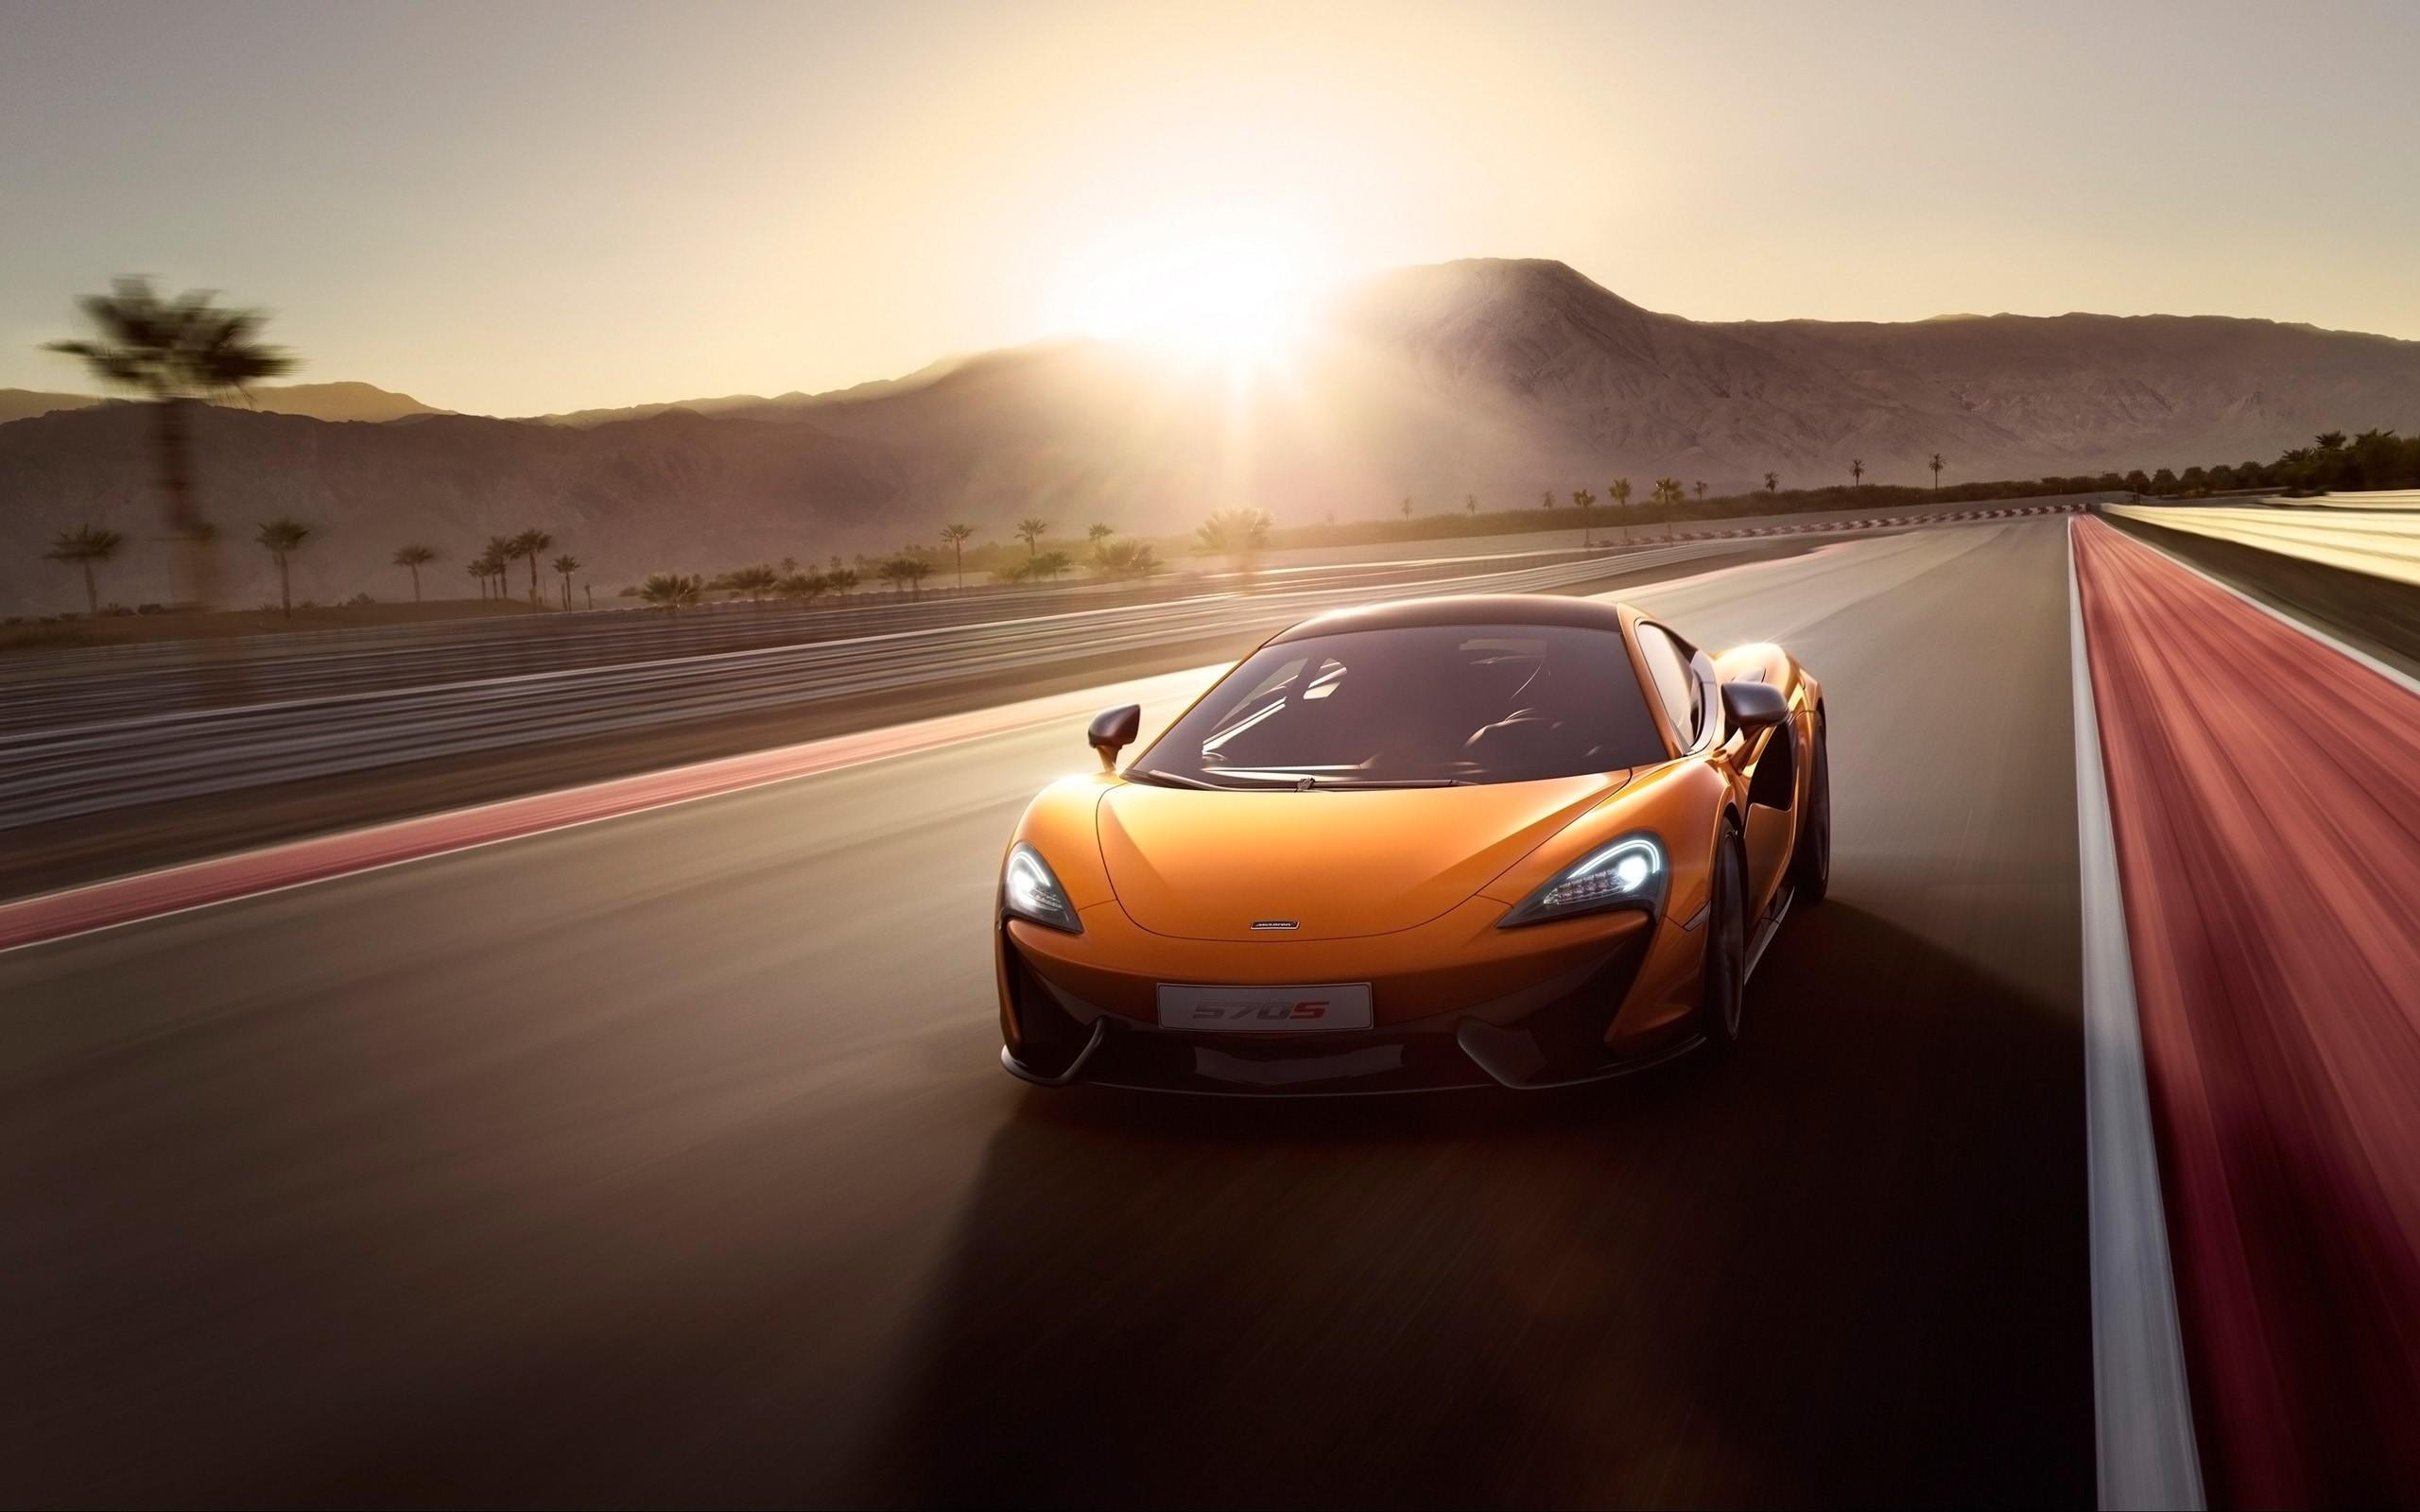 McLaren 570S Background